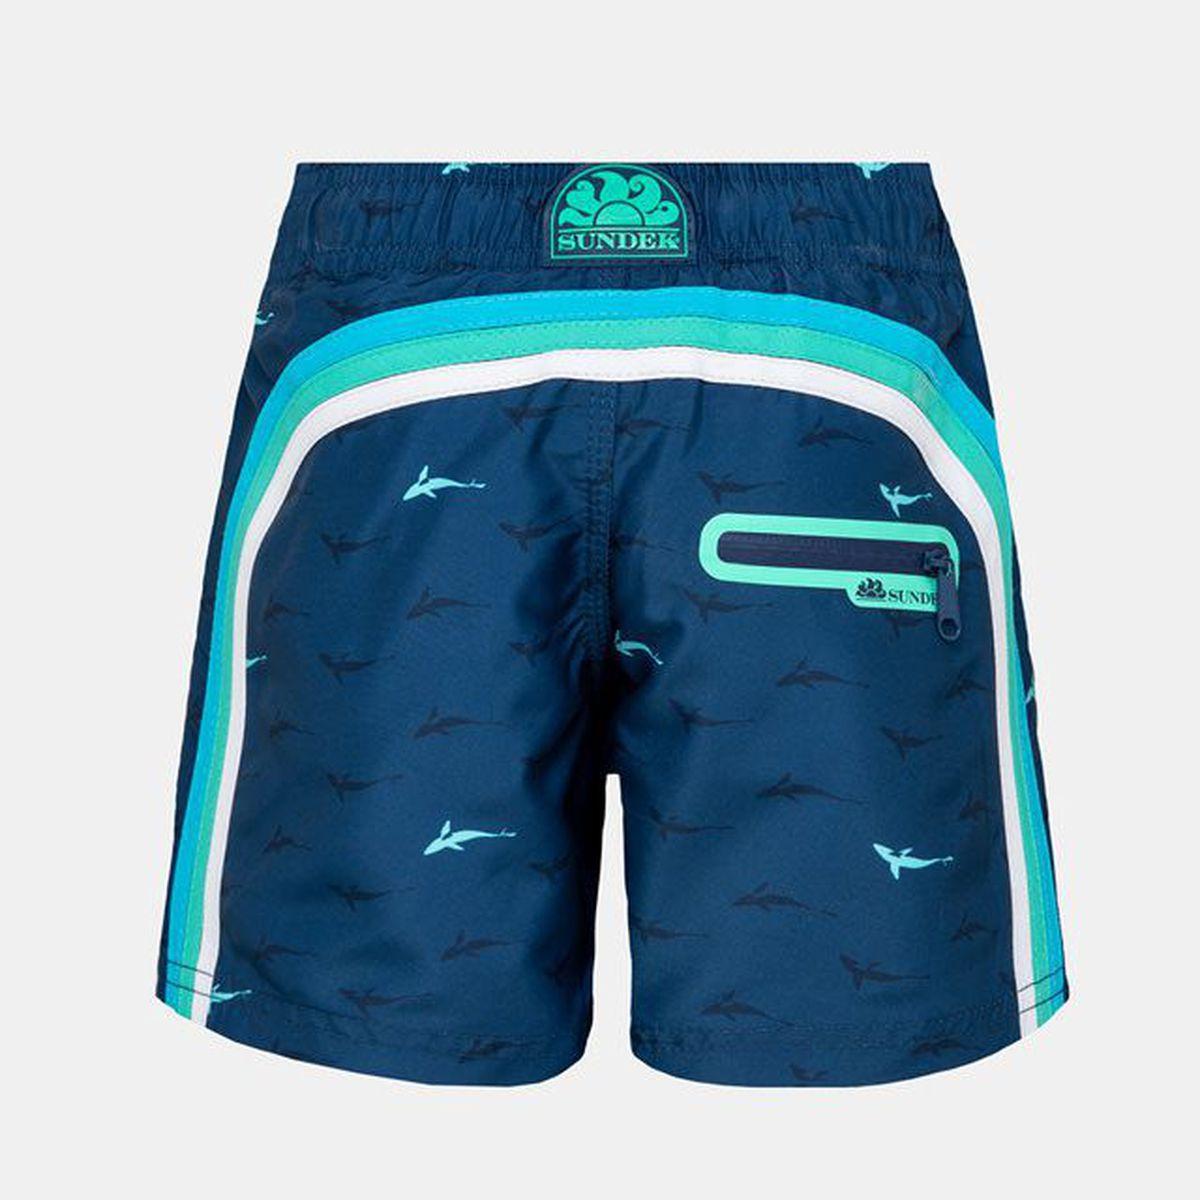 1. Sharks sea shorts 21 Light blue Sundek